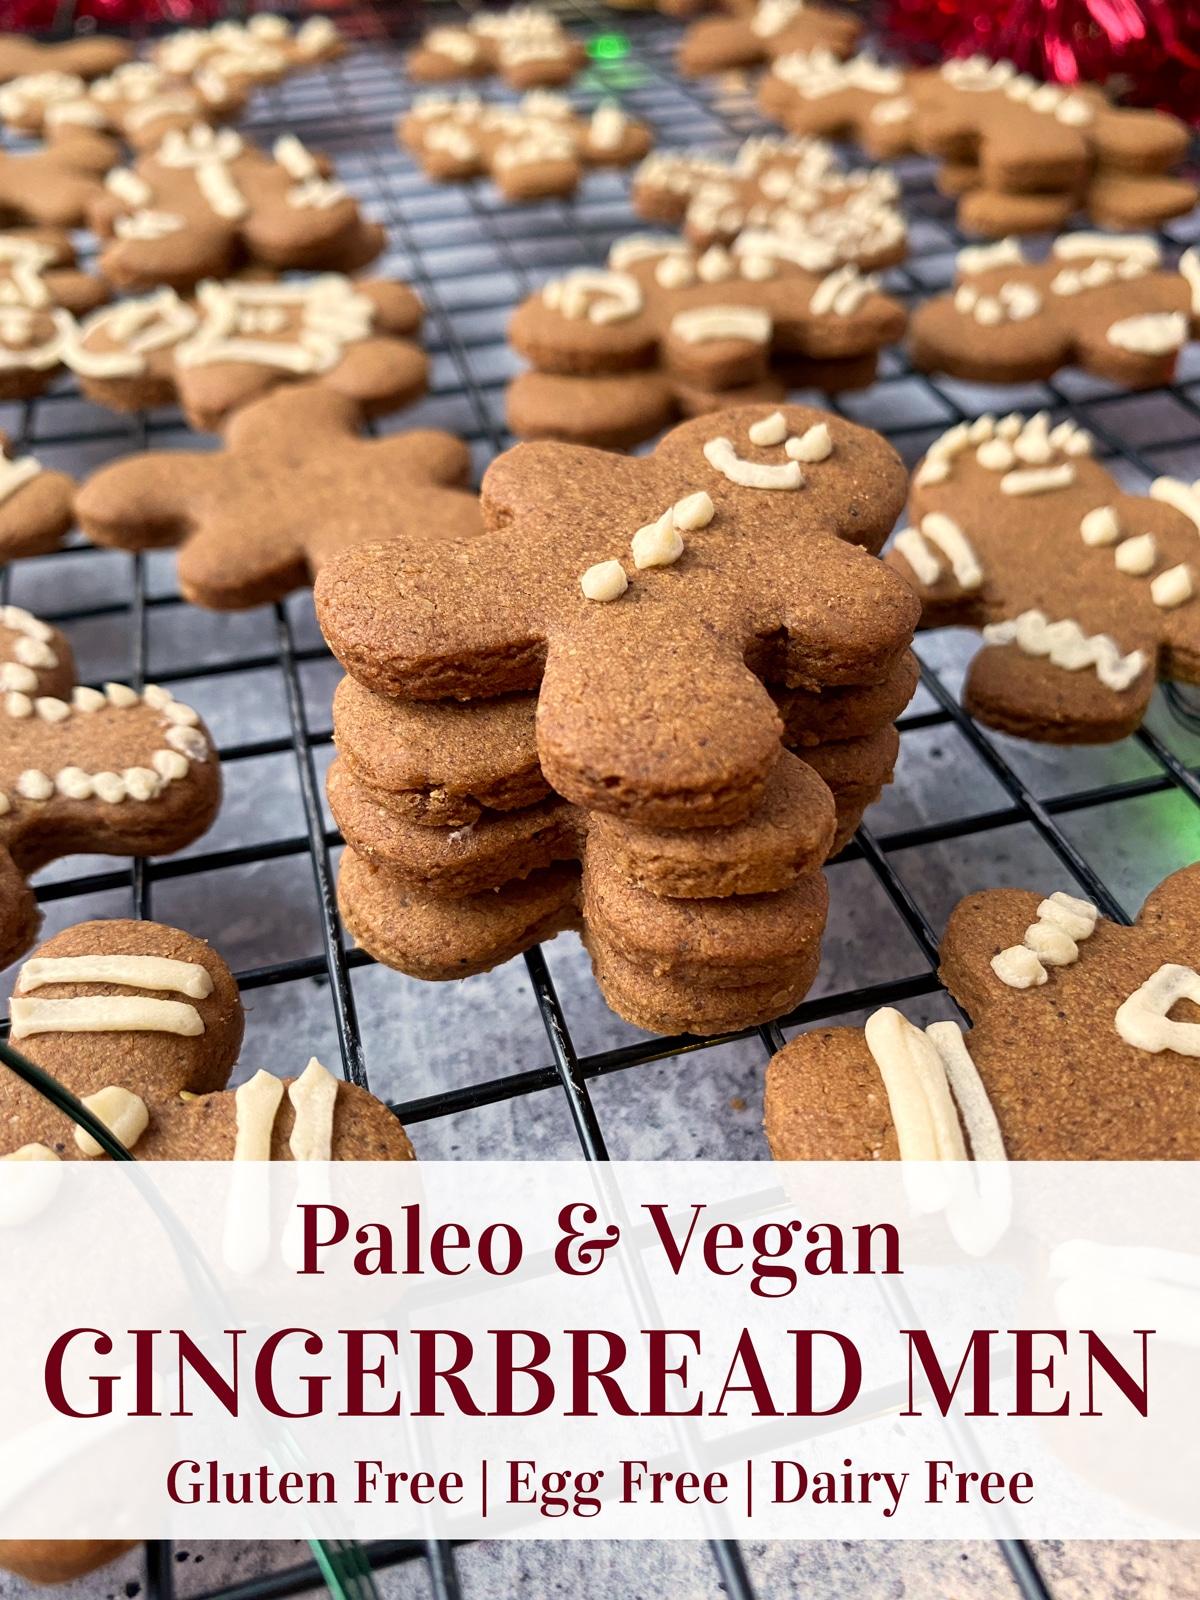 paleo-vegan-gingerbread-men-recipe